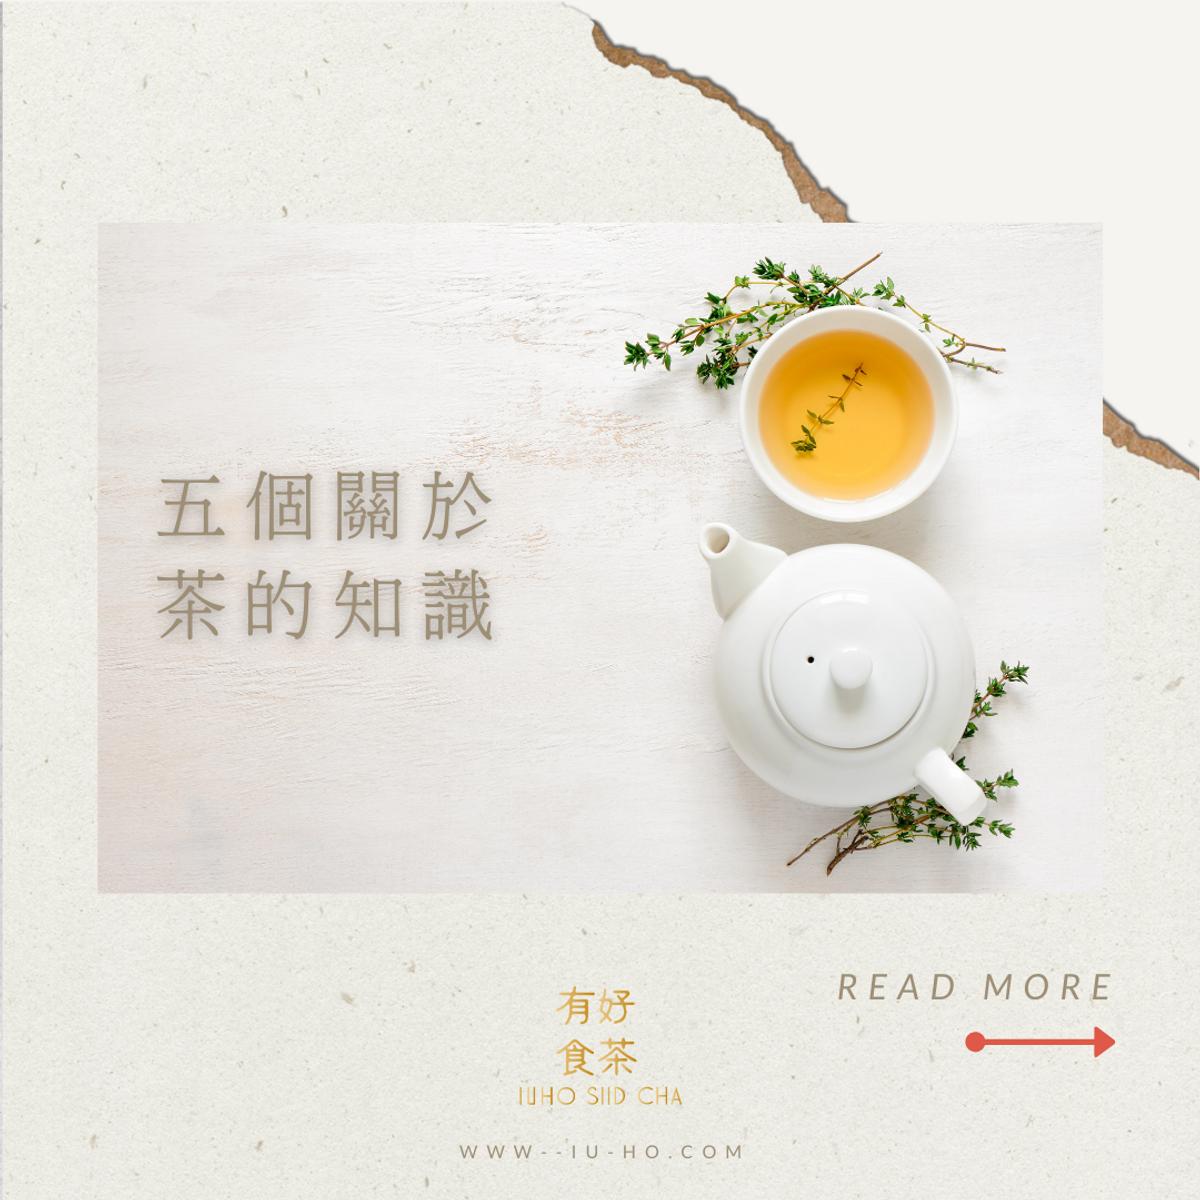 【五個關於茶的知識】